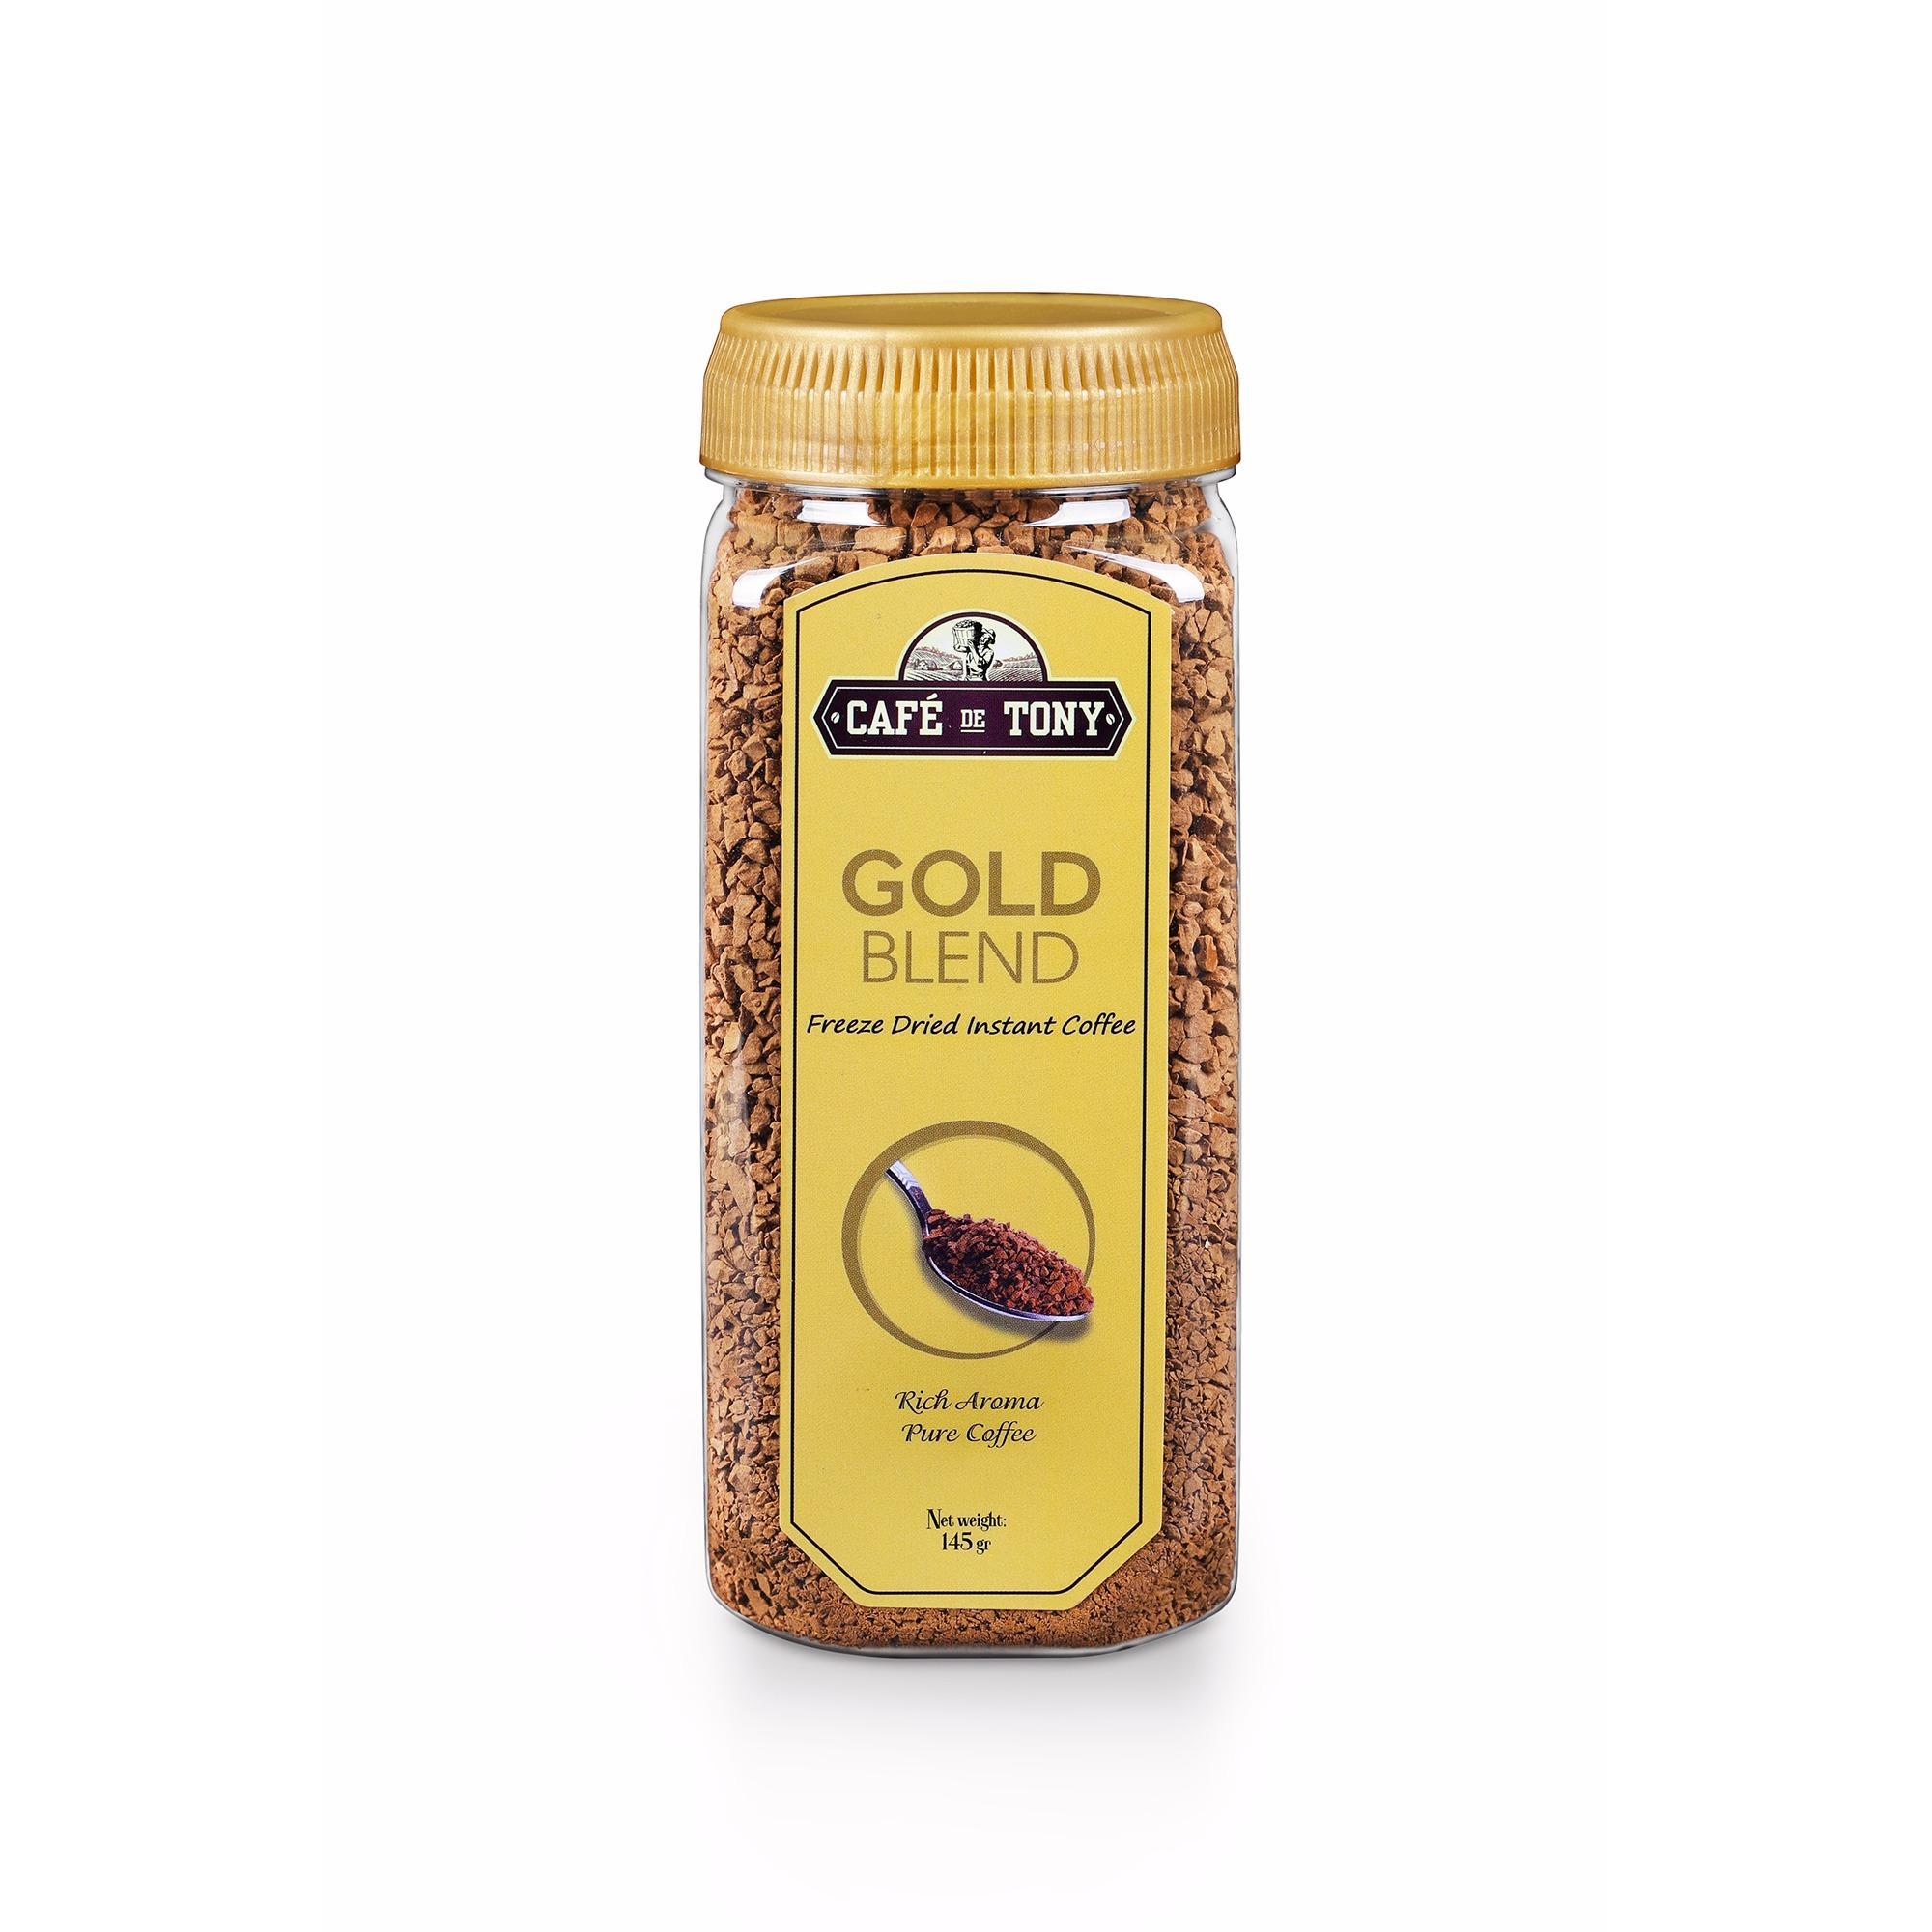 Cà Phê Hòa Tan Sấy lạnh Nguyên Chất 100% - Cafe De Tony Gold Blend - Hũ 145 gam